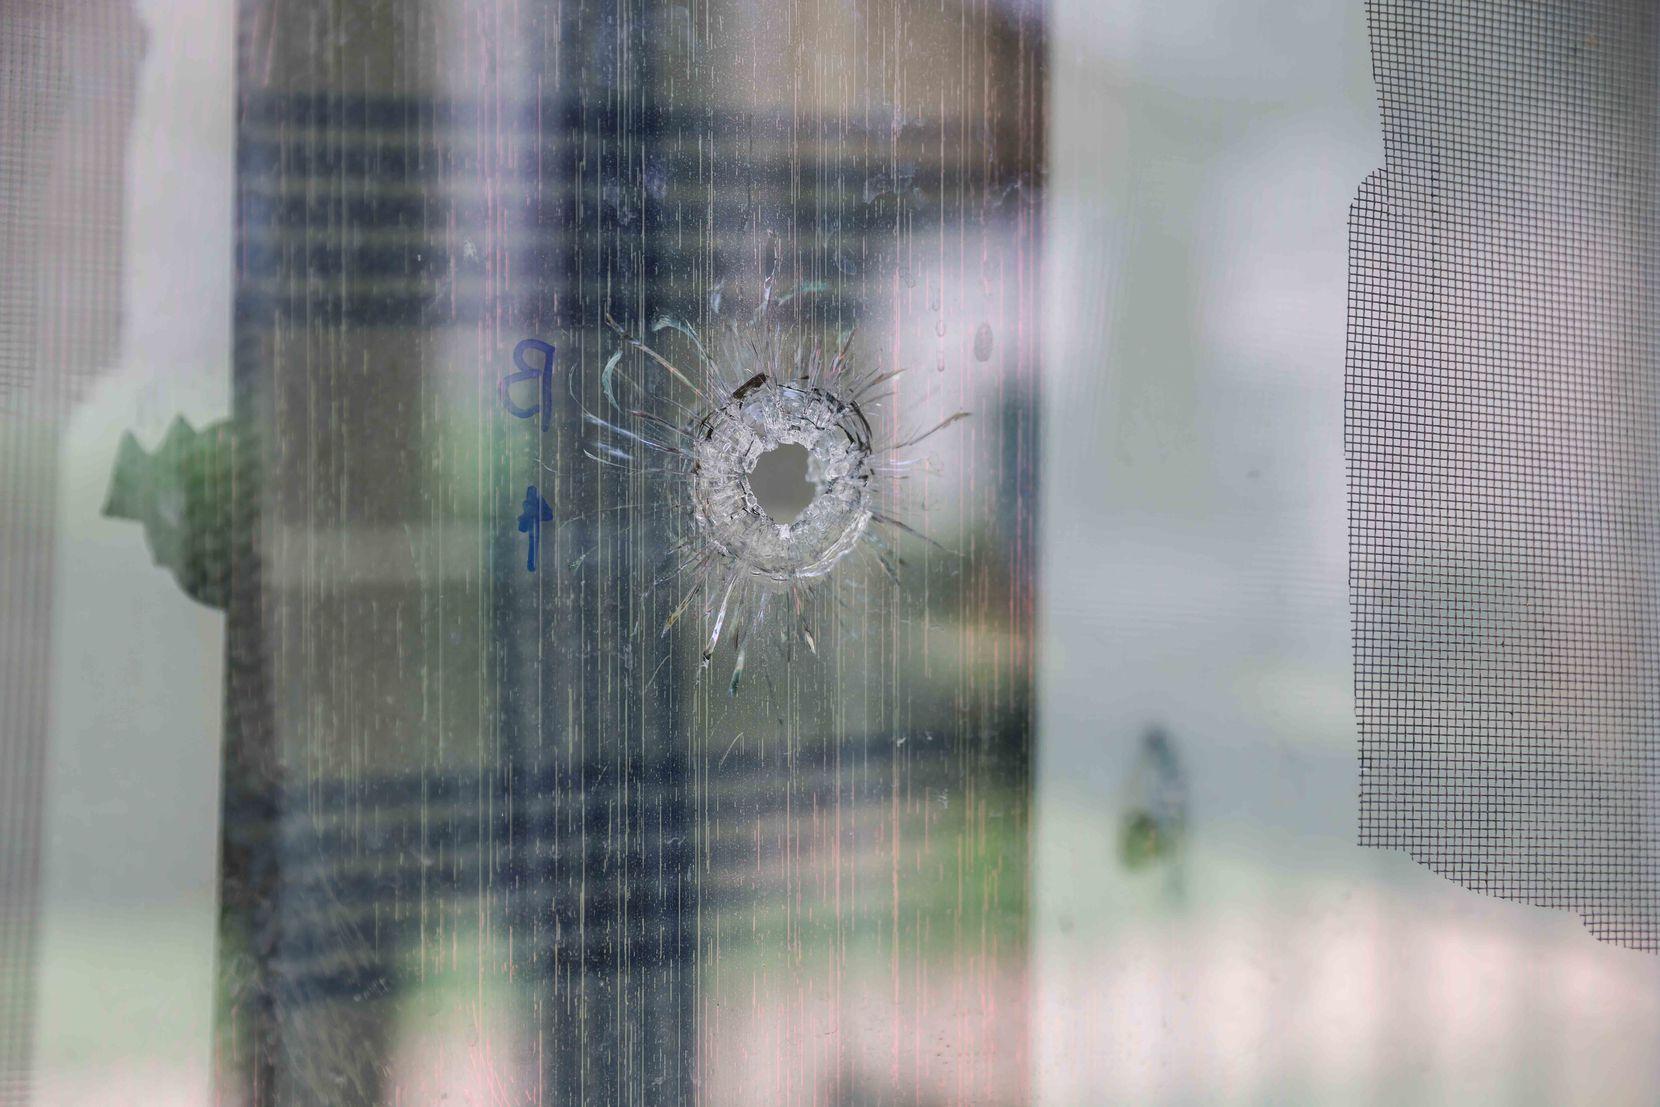 Uno de los hoyos hechos por disparos en la ventana del apartamento donde Hope Hensley fue atacada el lunes en Dallas.